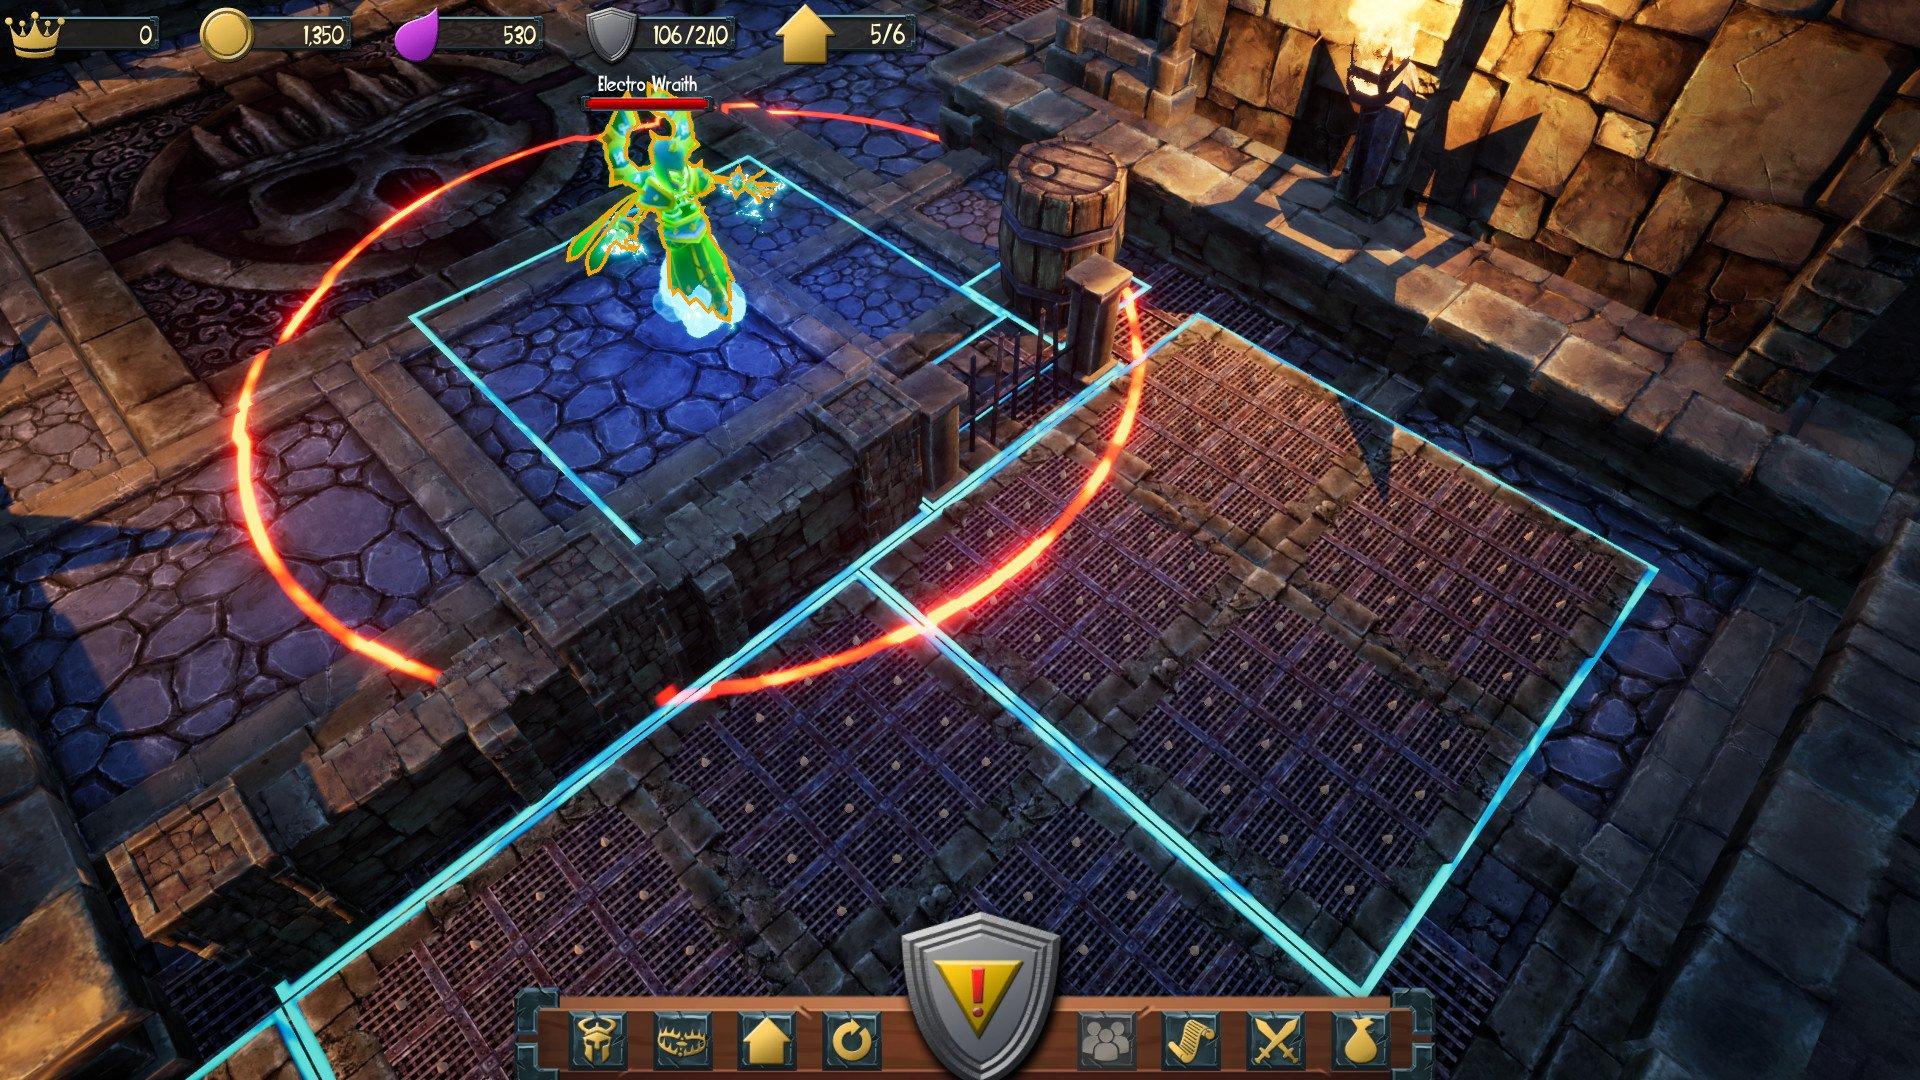 تحميل لعبة الدفاع والقتال الاستراتيجية للكمبيوتر مجانا Heroes of Fortunia